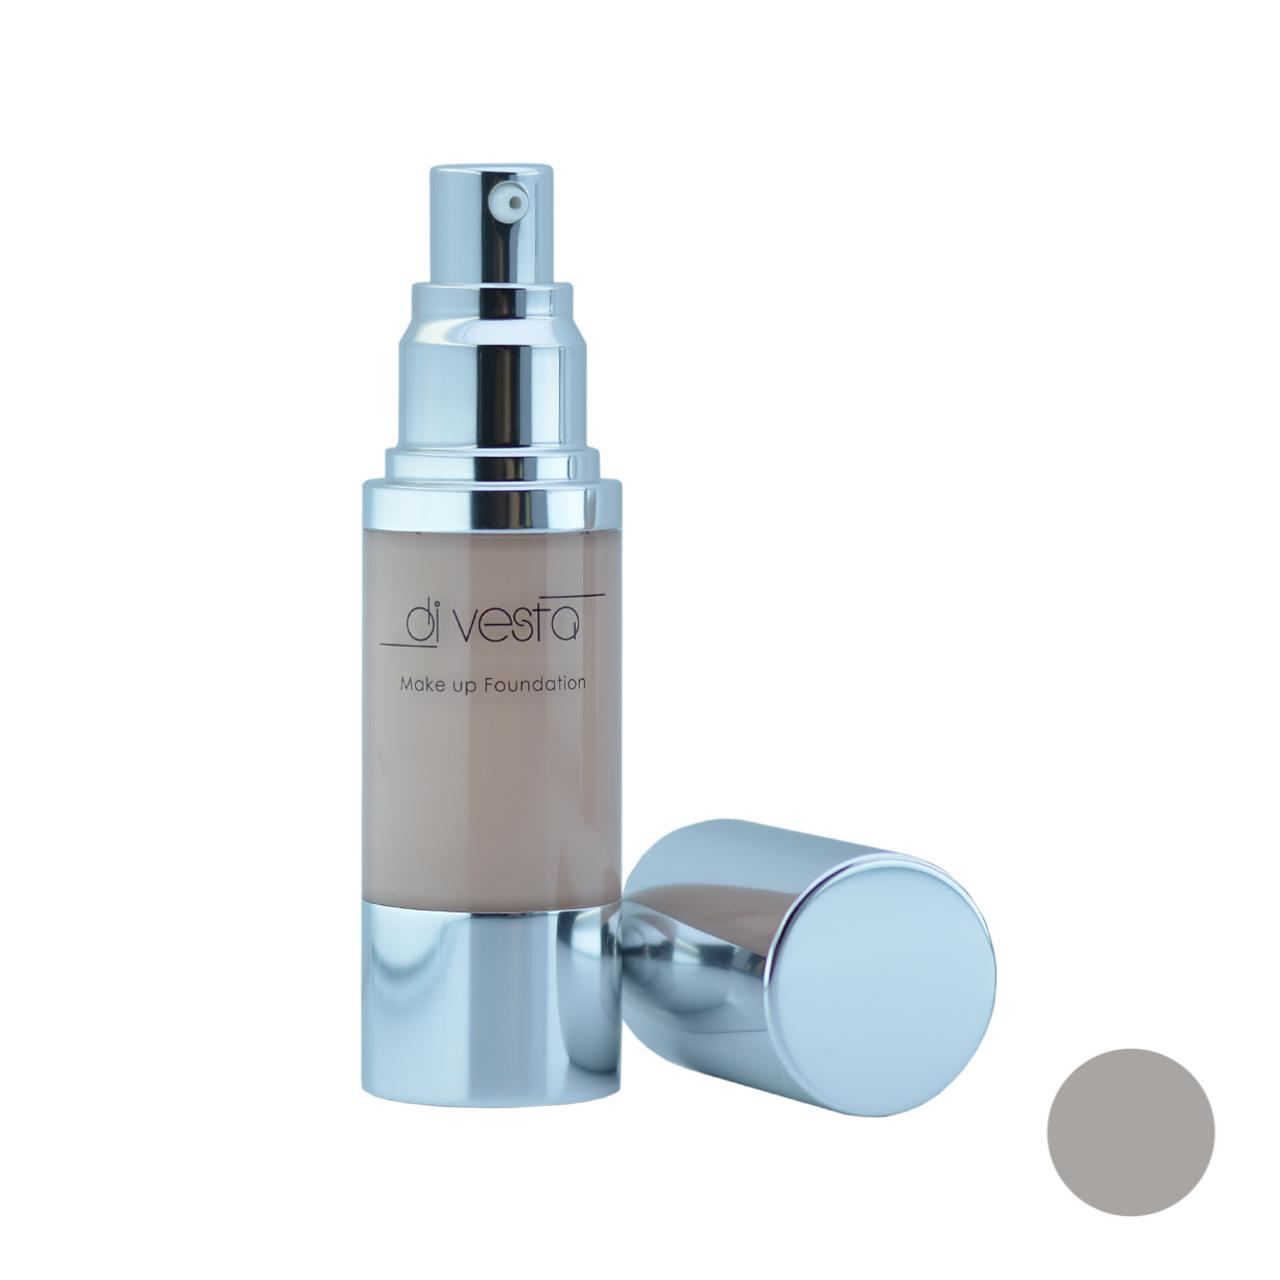 کرم پودر دیوستا مدل Anti Skin aging شماره 30 حجم 30 میلی لیتر